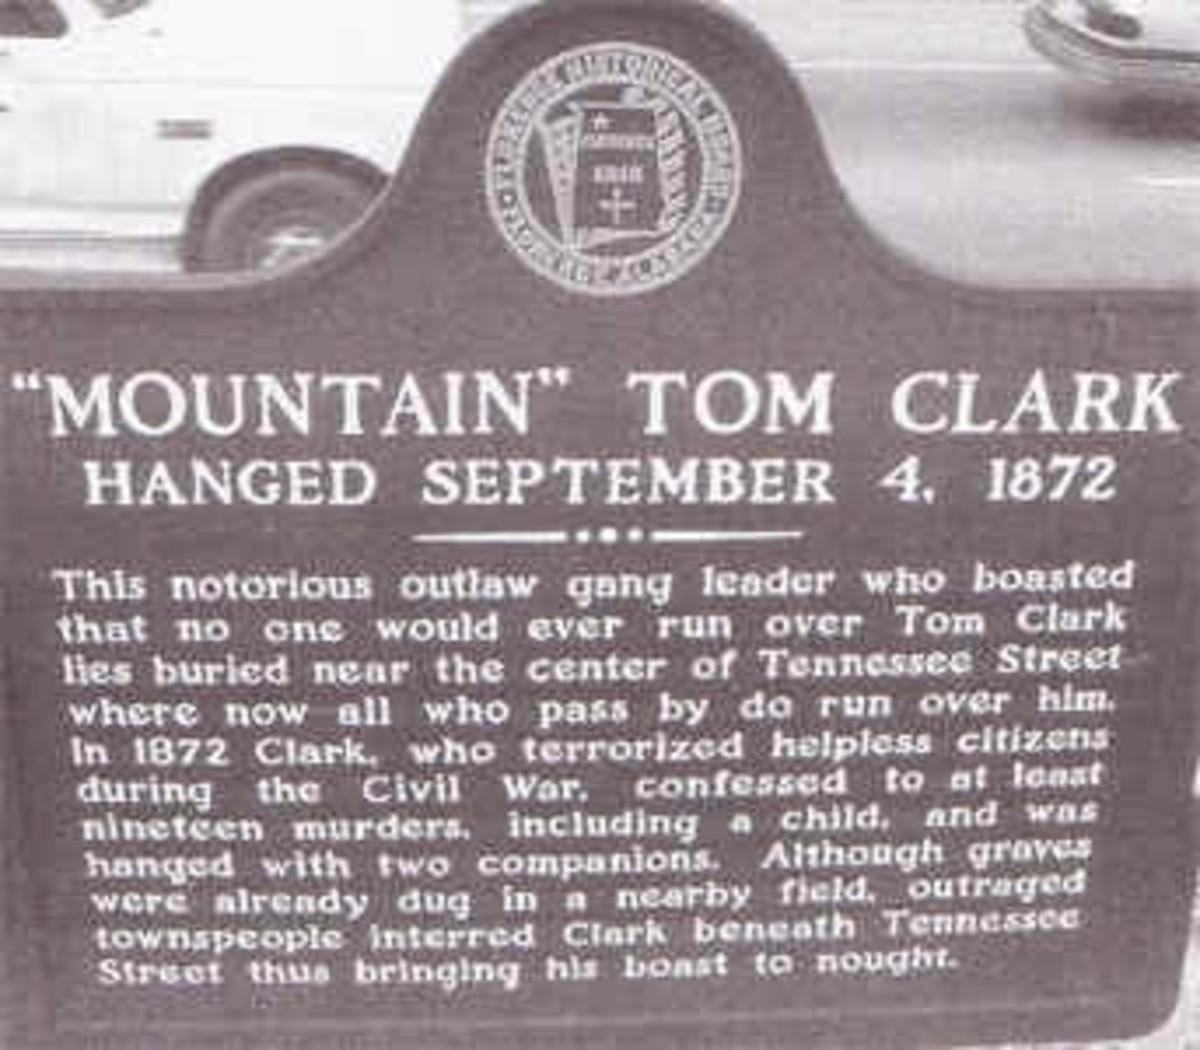 Mountain Tom Clark, Outlaw